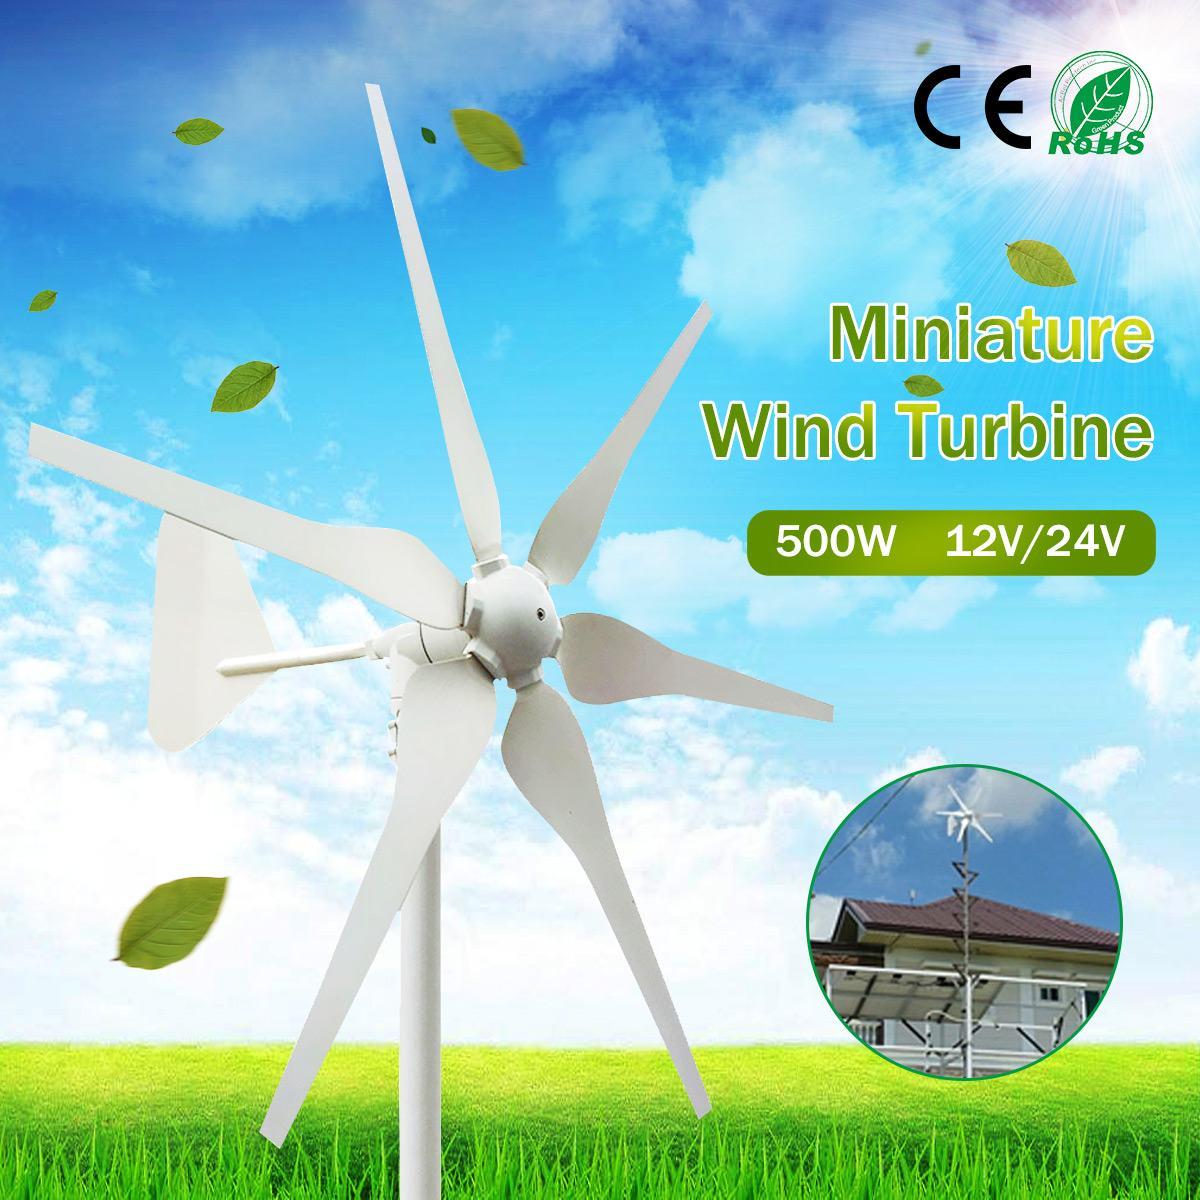 DC/AC Gerador 2018 12 V/24 V 500 W Turbinas Eólicas Gerador de Turbinas de Vento Em Miniatura Com O Controlador para Casa Residencial